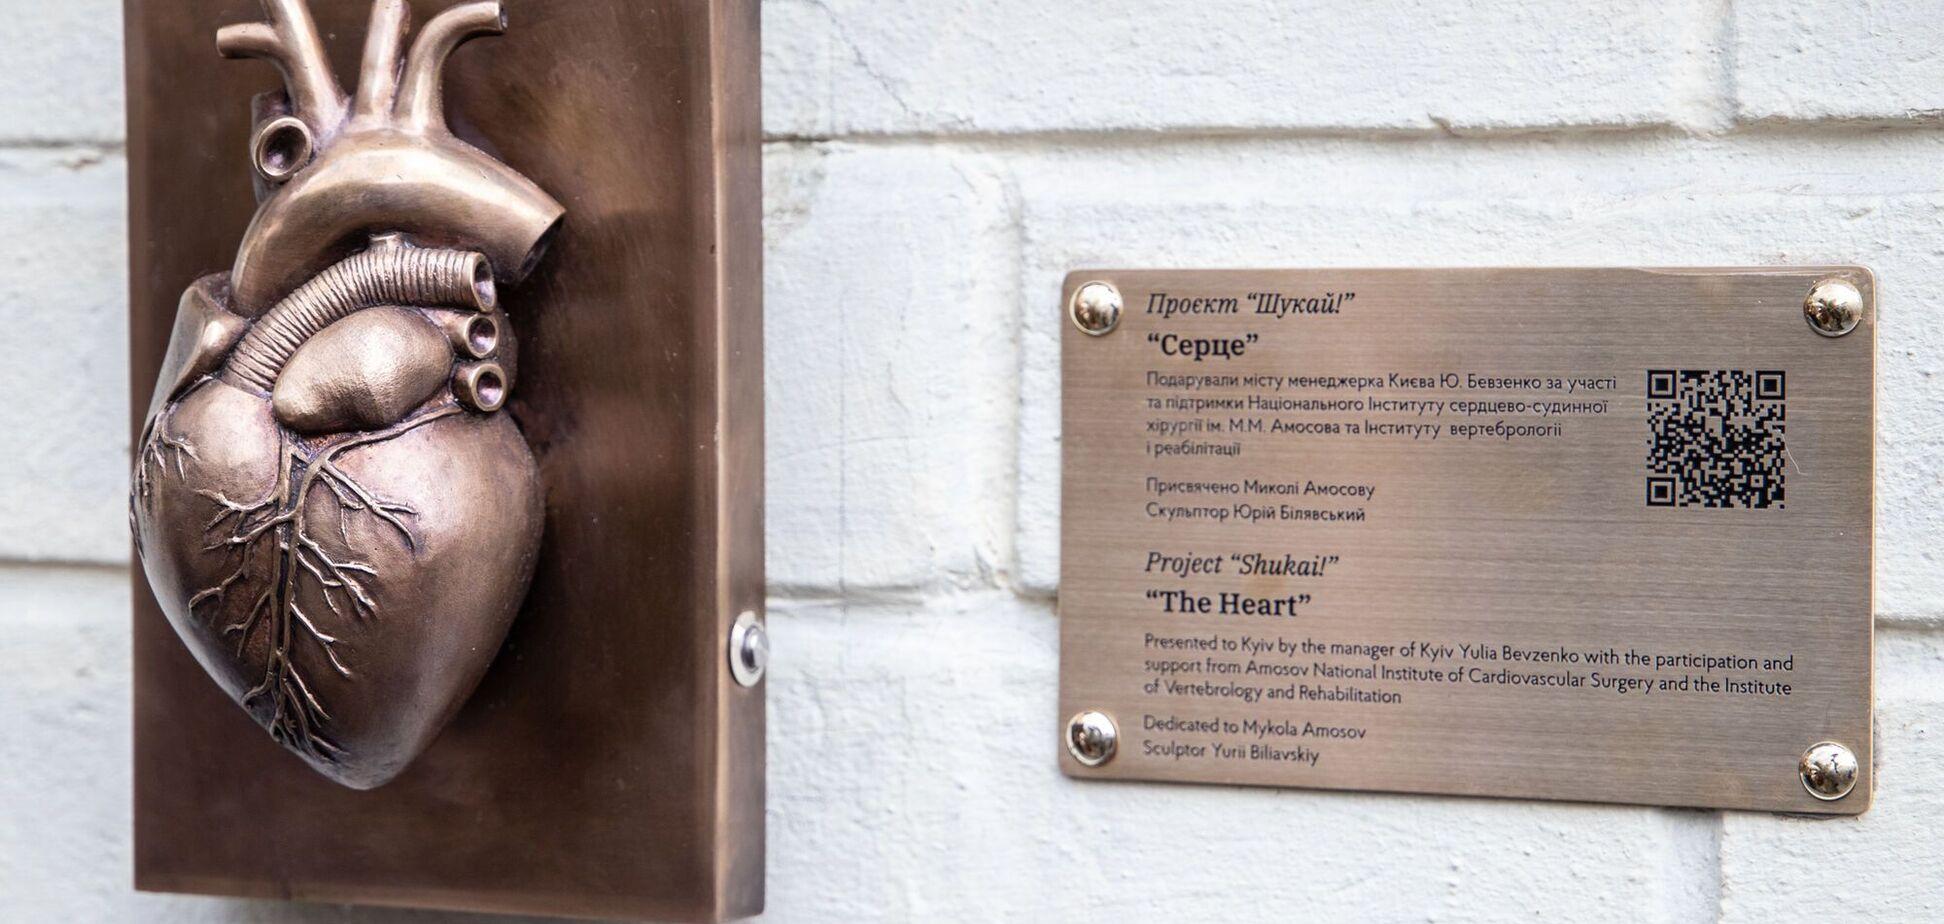 'Сердце, которое бьется': в центре Киева открыли интерактивную мини-скульптуру в честь Николая Амосова. Фото